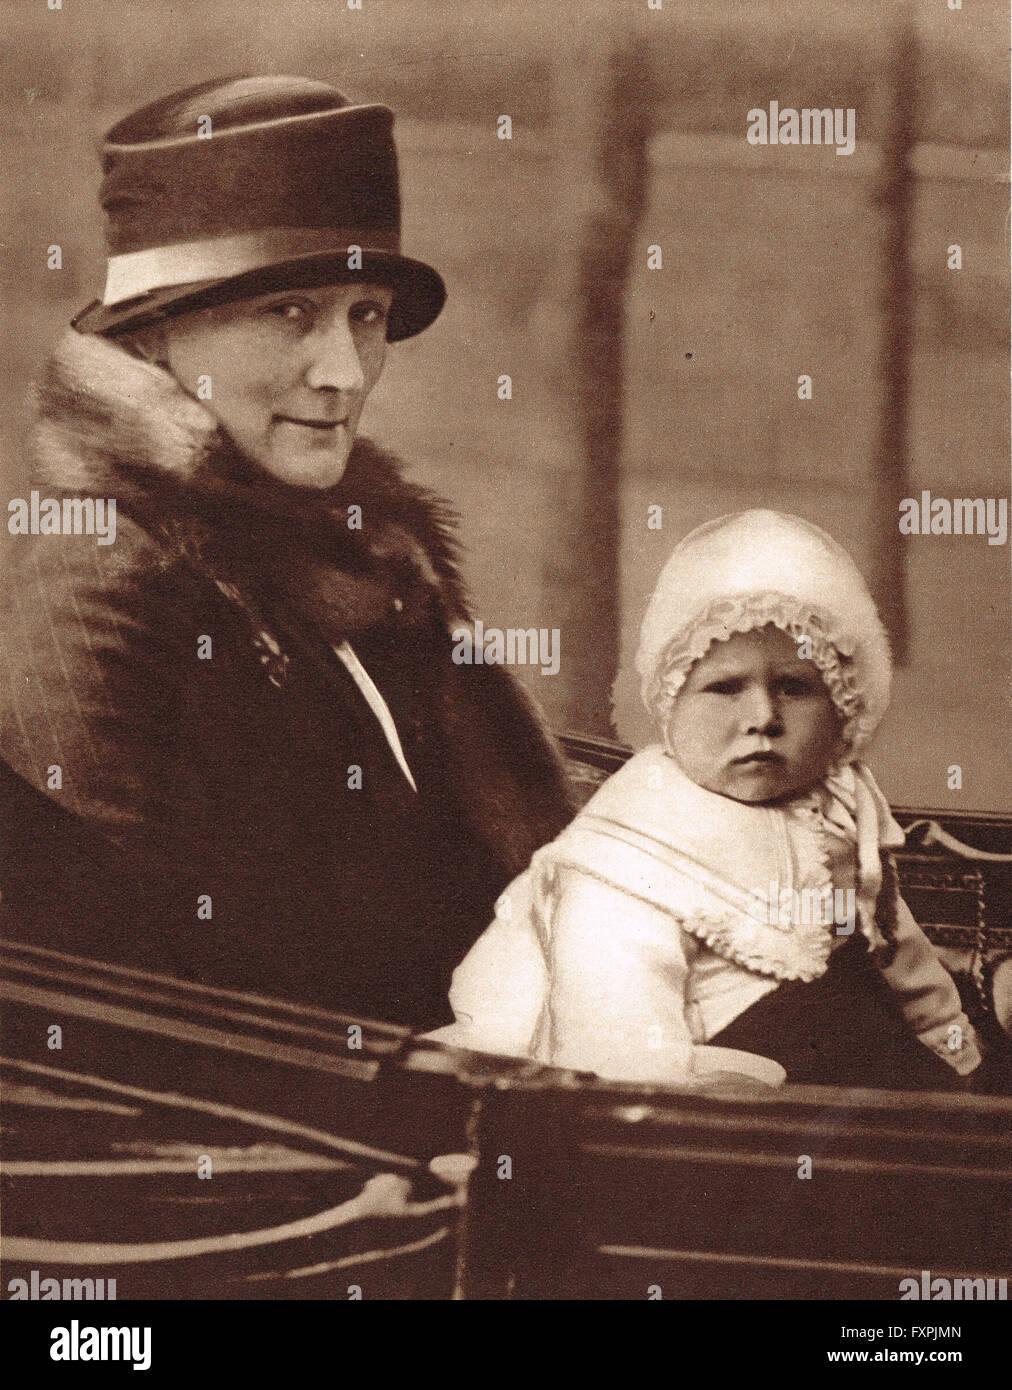 Prinzessin Elizabeth, die Zukunft Königin Elizabeth II als ein Baby im Jahre 1927 Stockbild